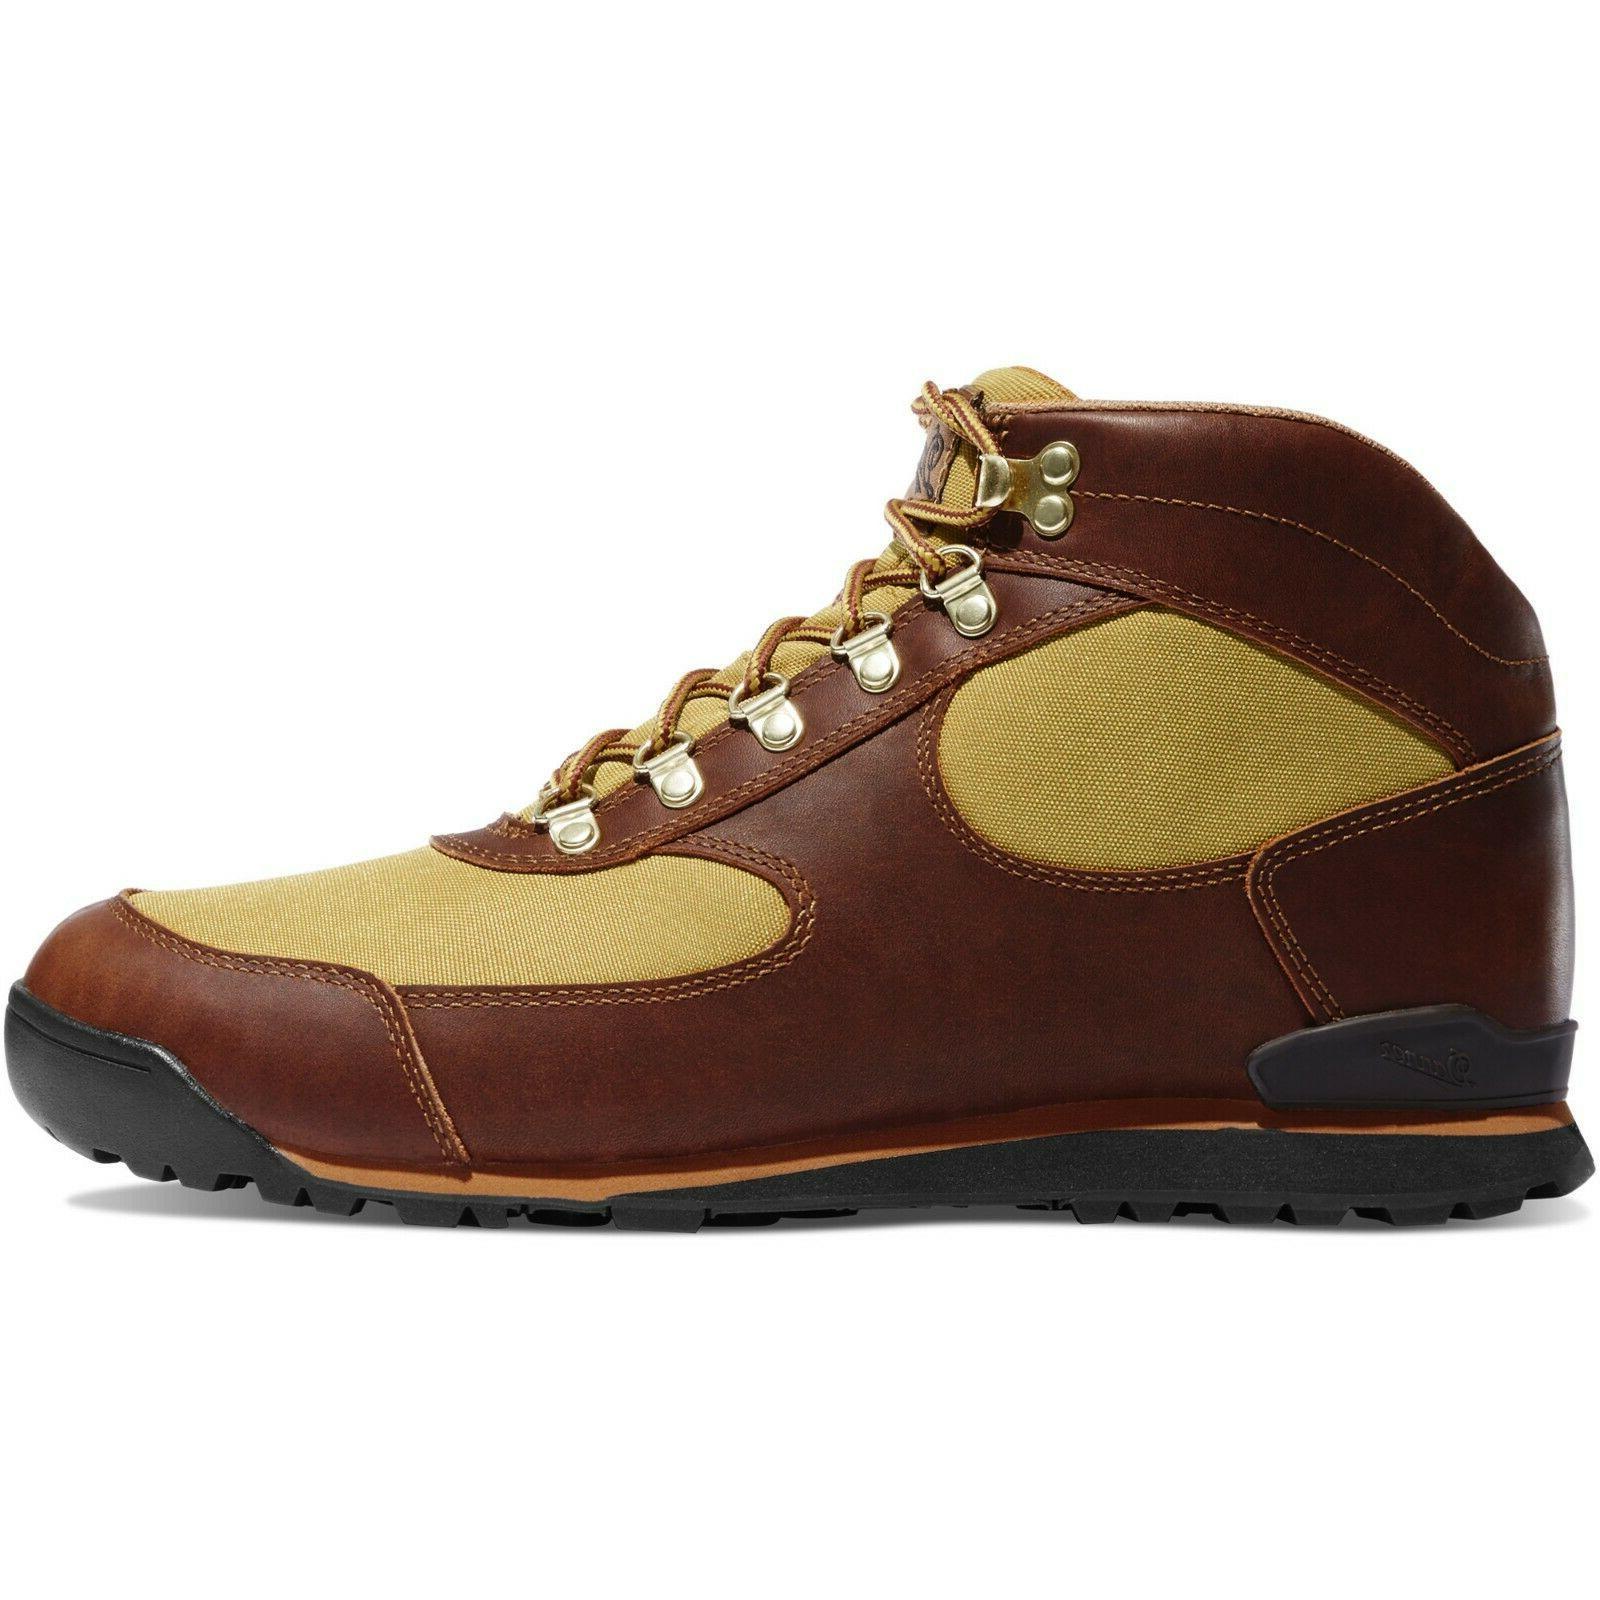 Danner Waterproof Boots -